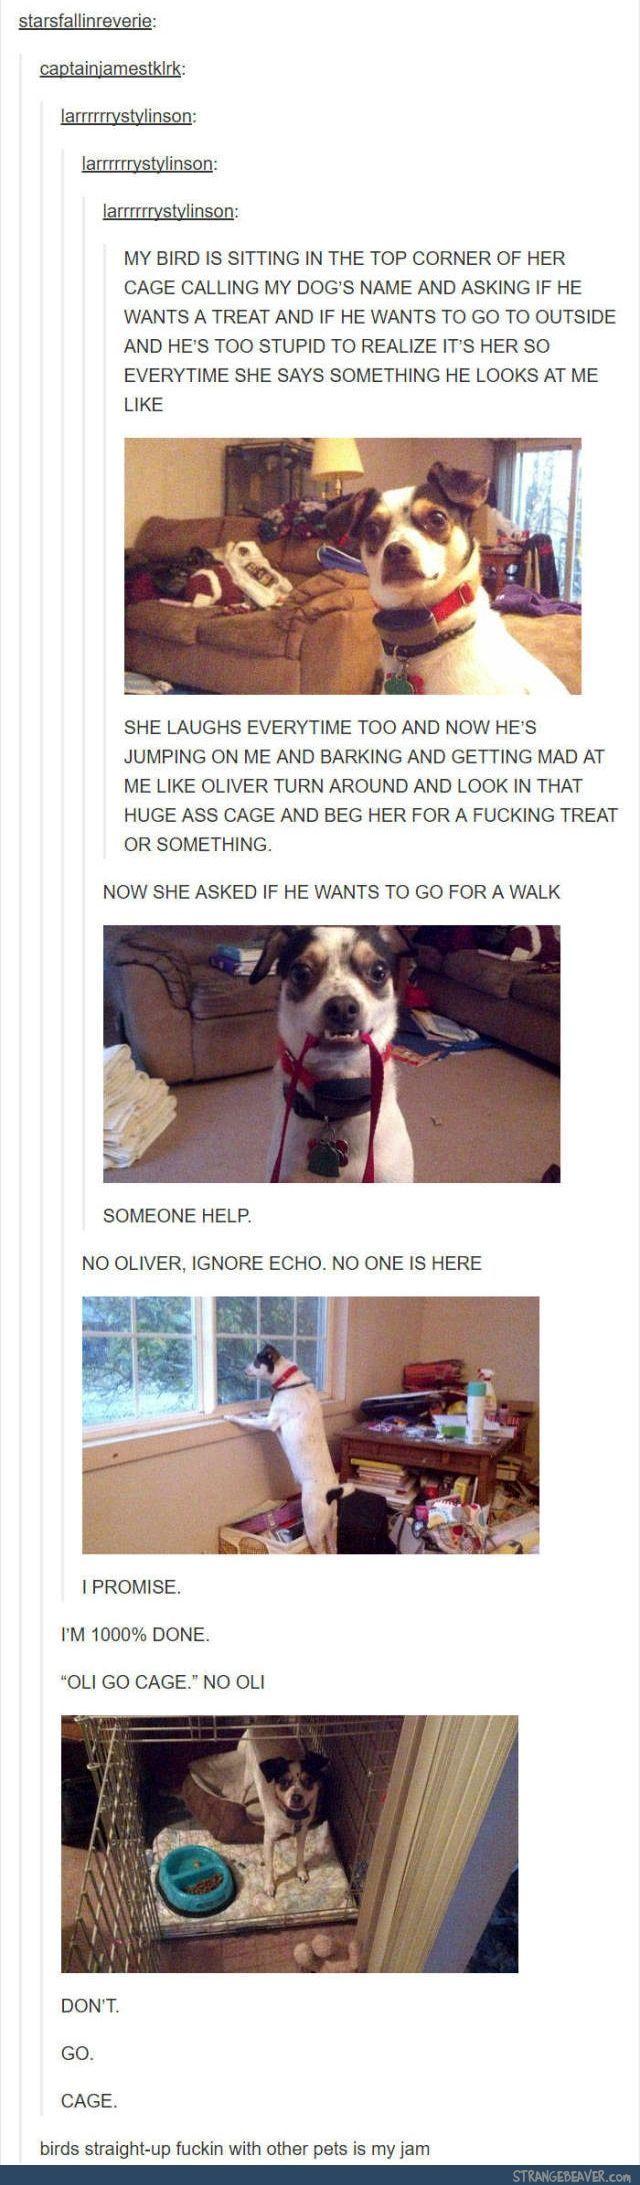 Funny tumblr post #dogsfunnytumblr